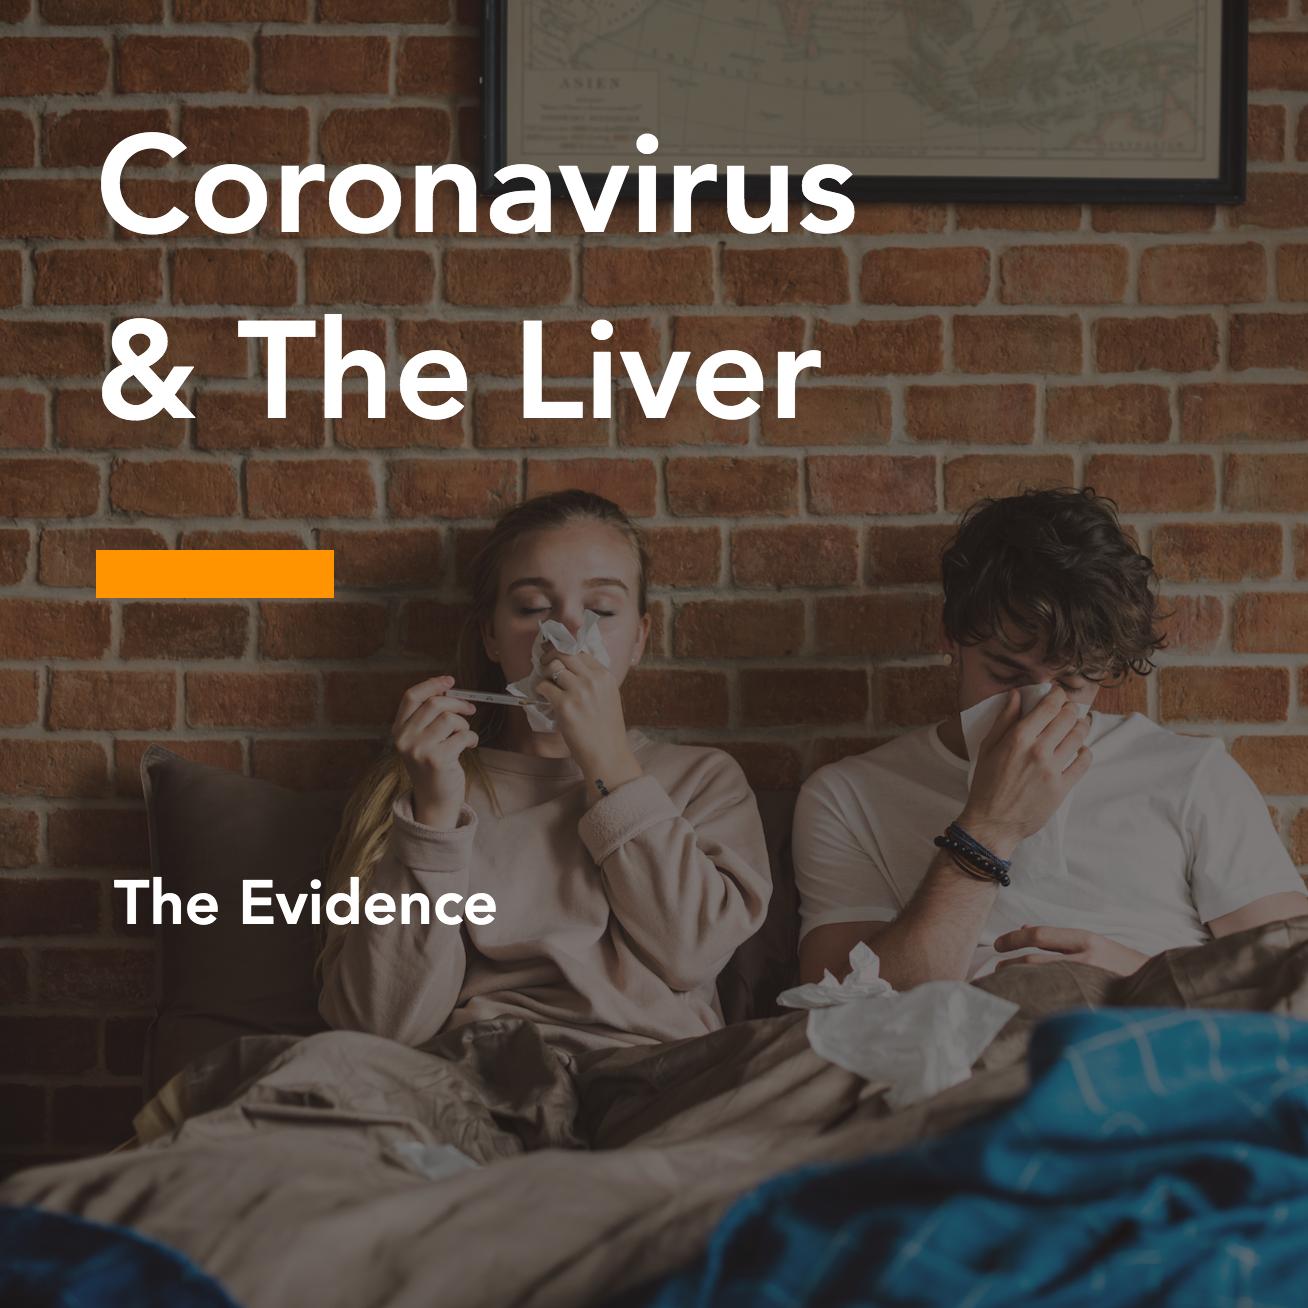 Coronavirus & The Liver: Data & Studies